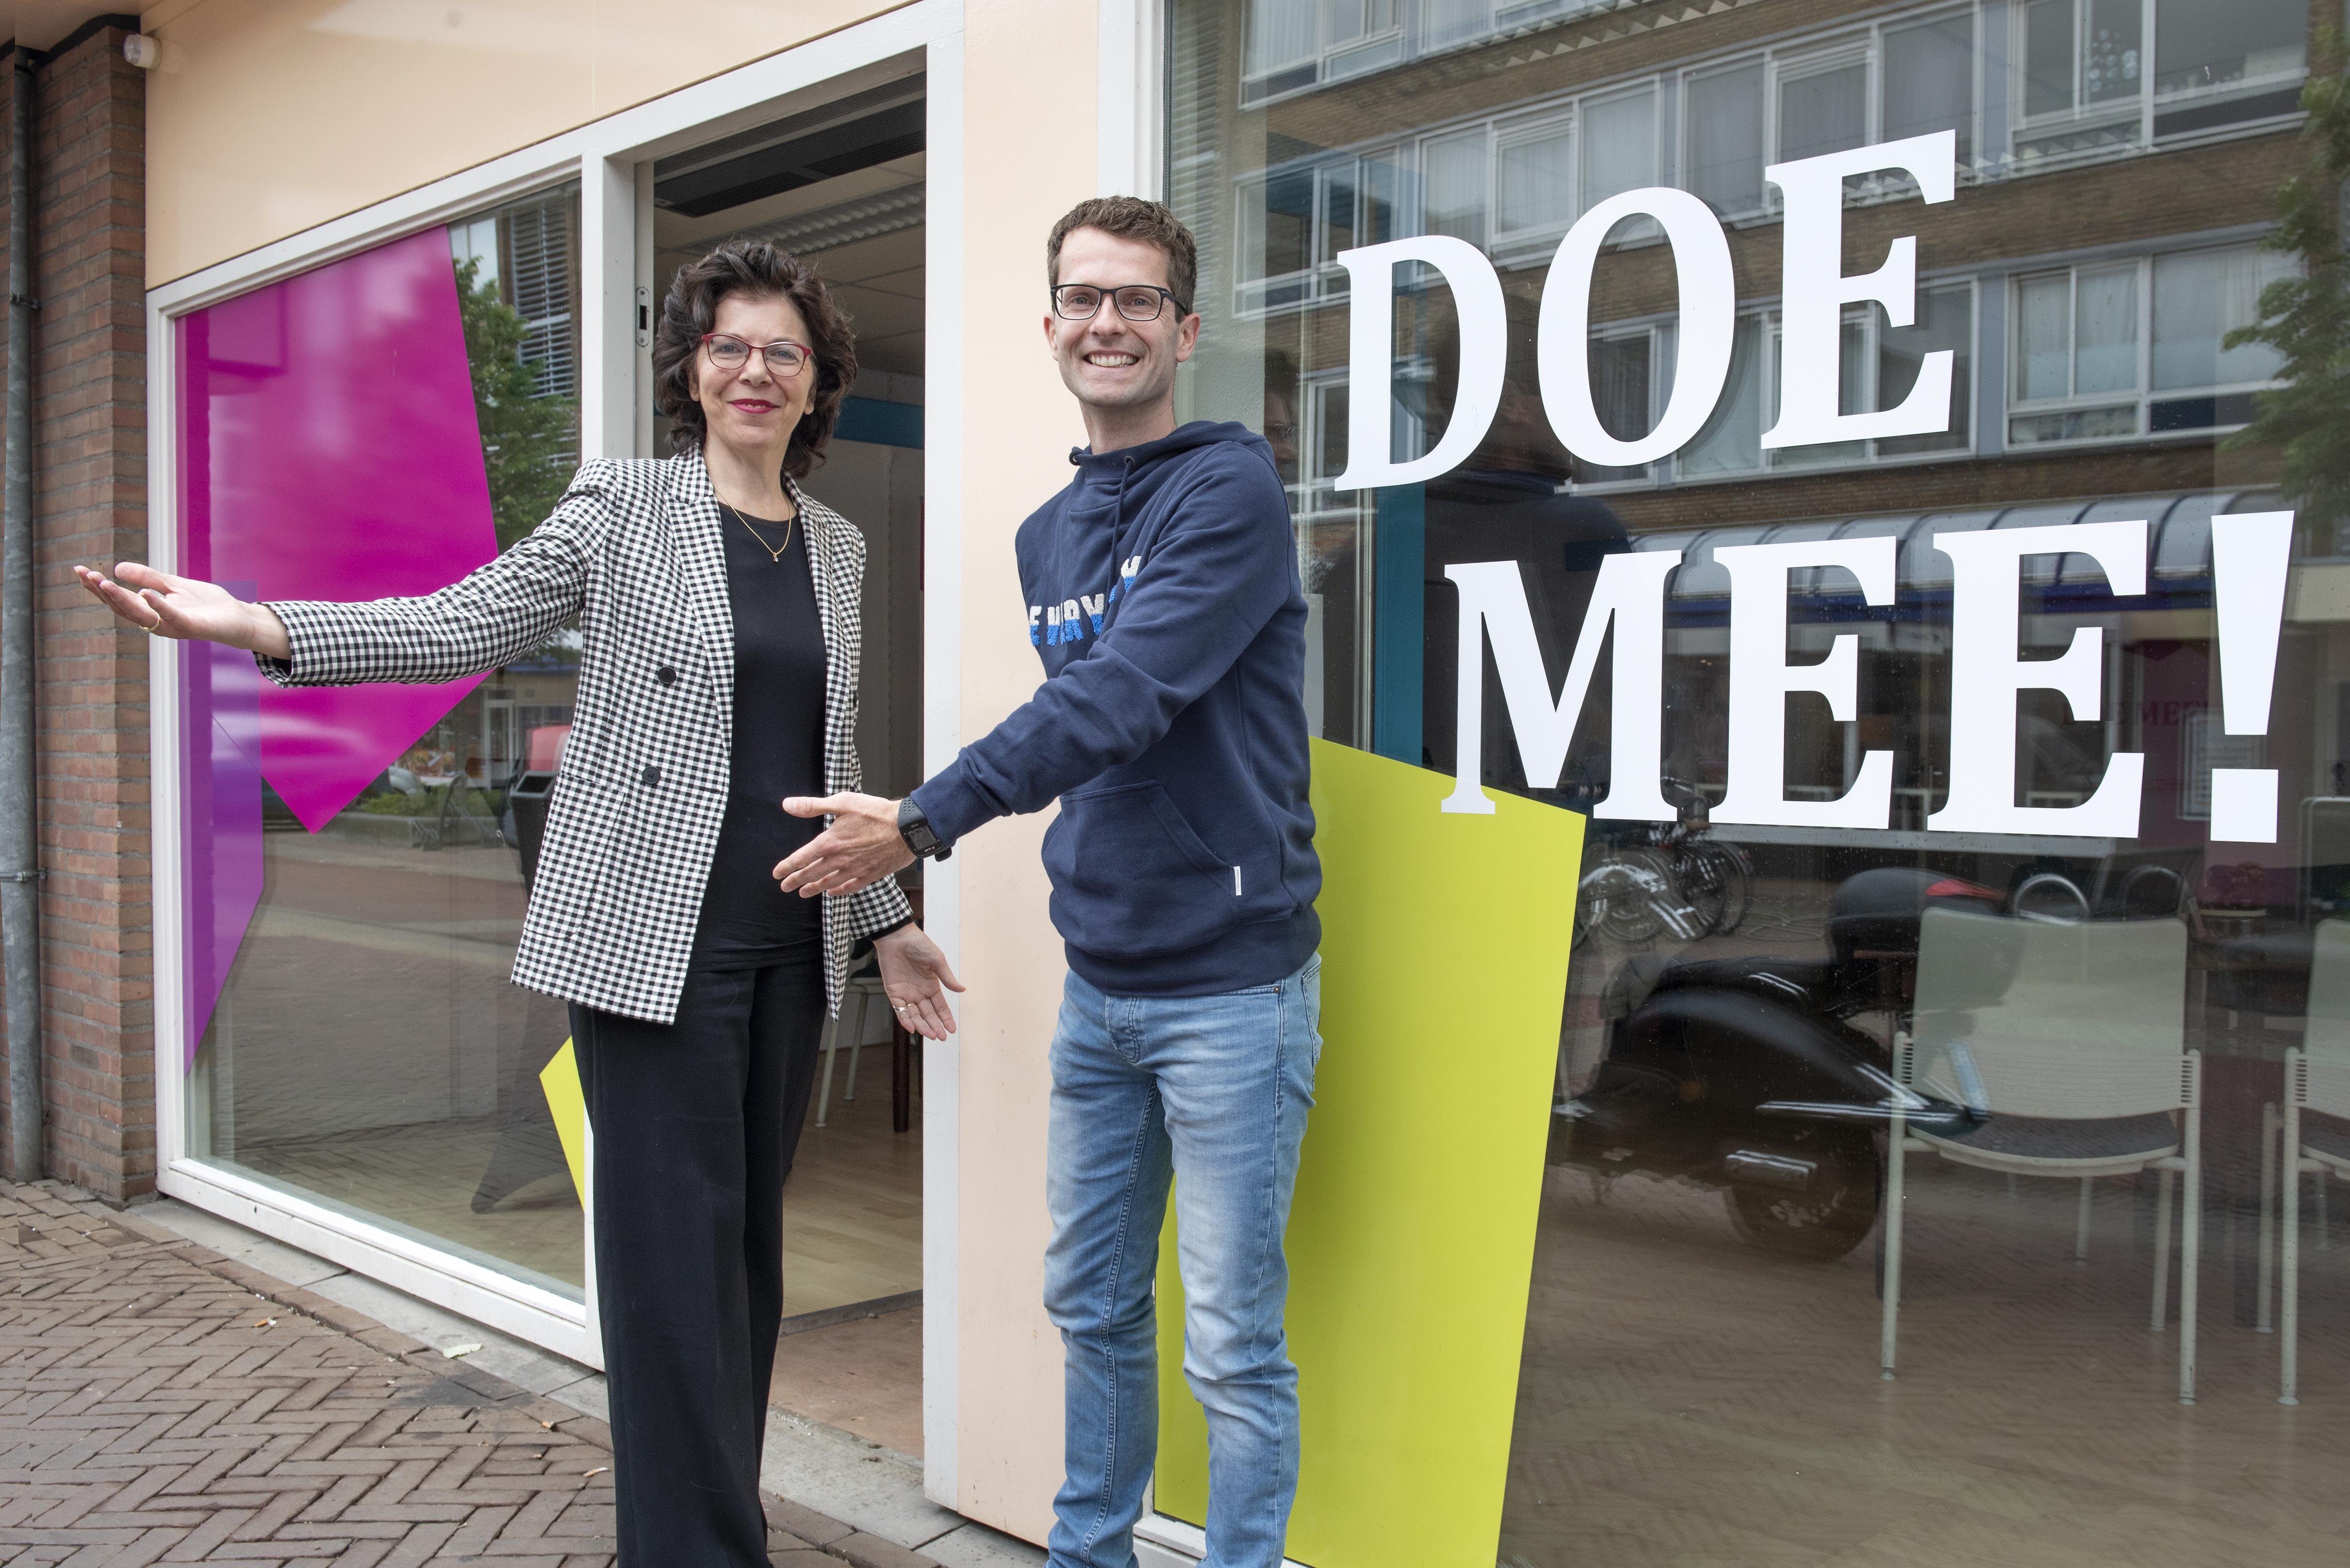 Hoe Heemskerk Beverwijk in het pak naaide met de wijkwinkel Oosterwijk | Opinie